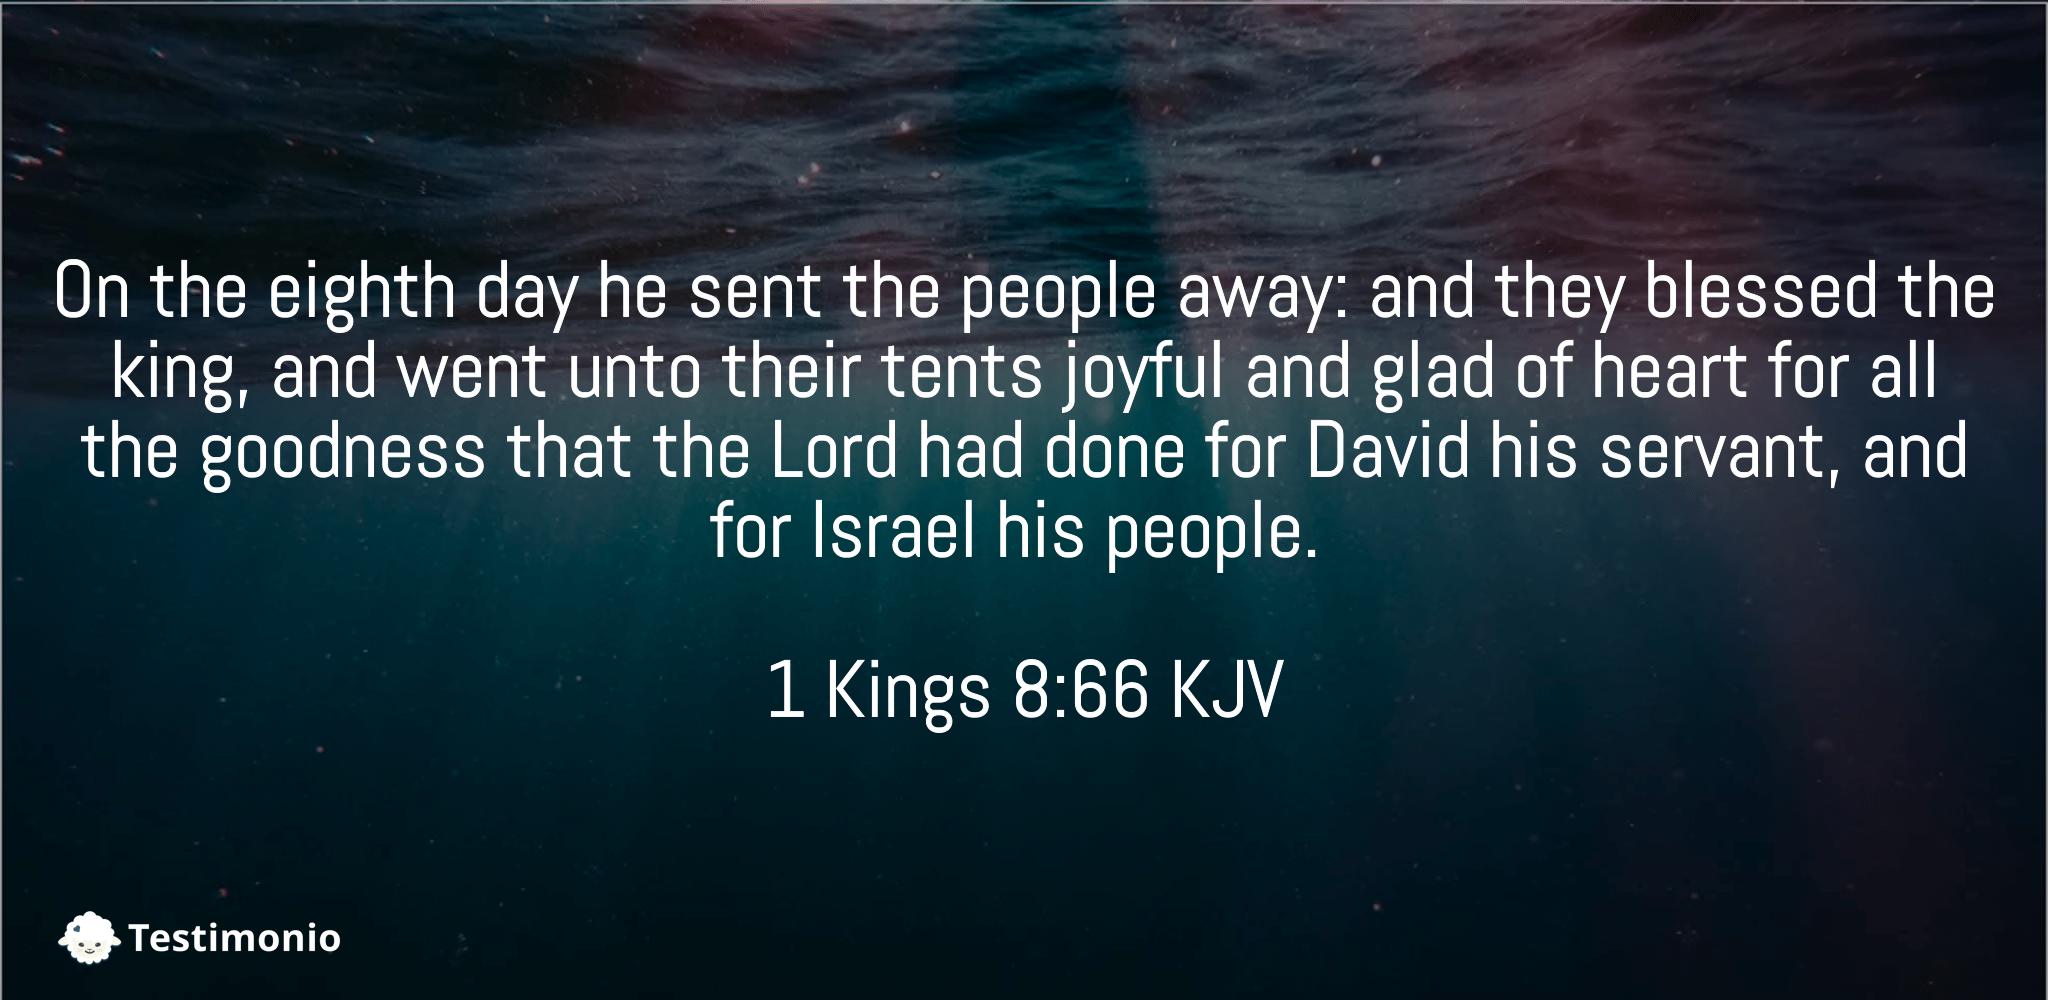 1 Kings 8:66